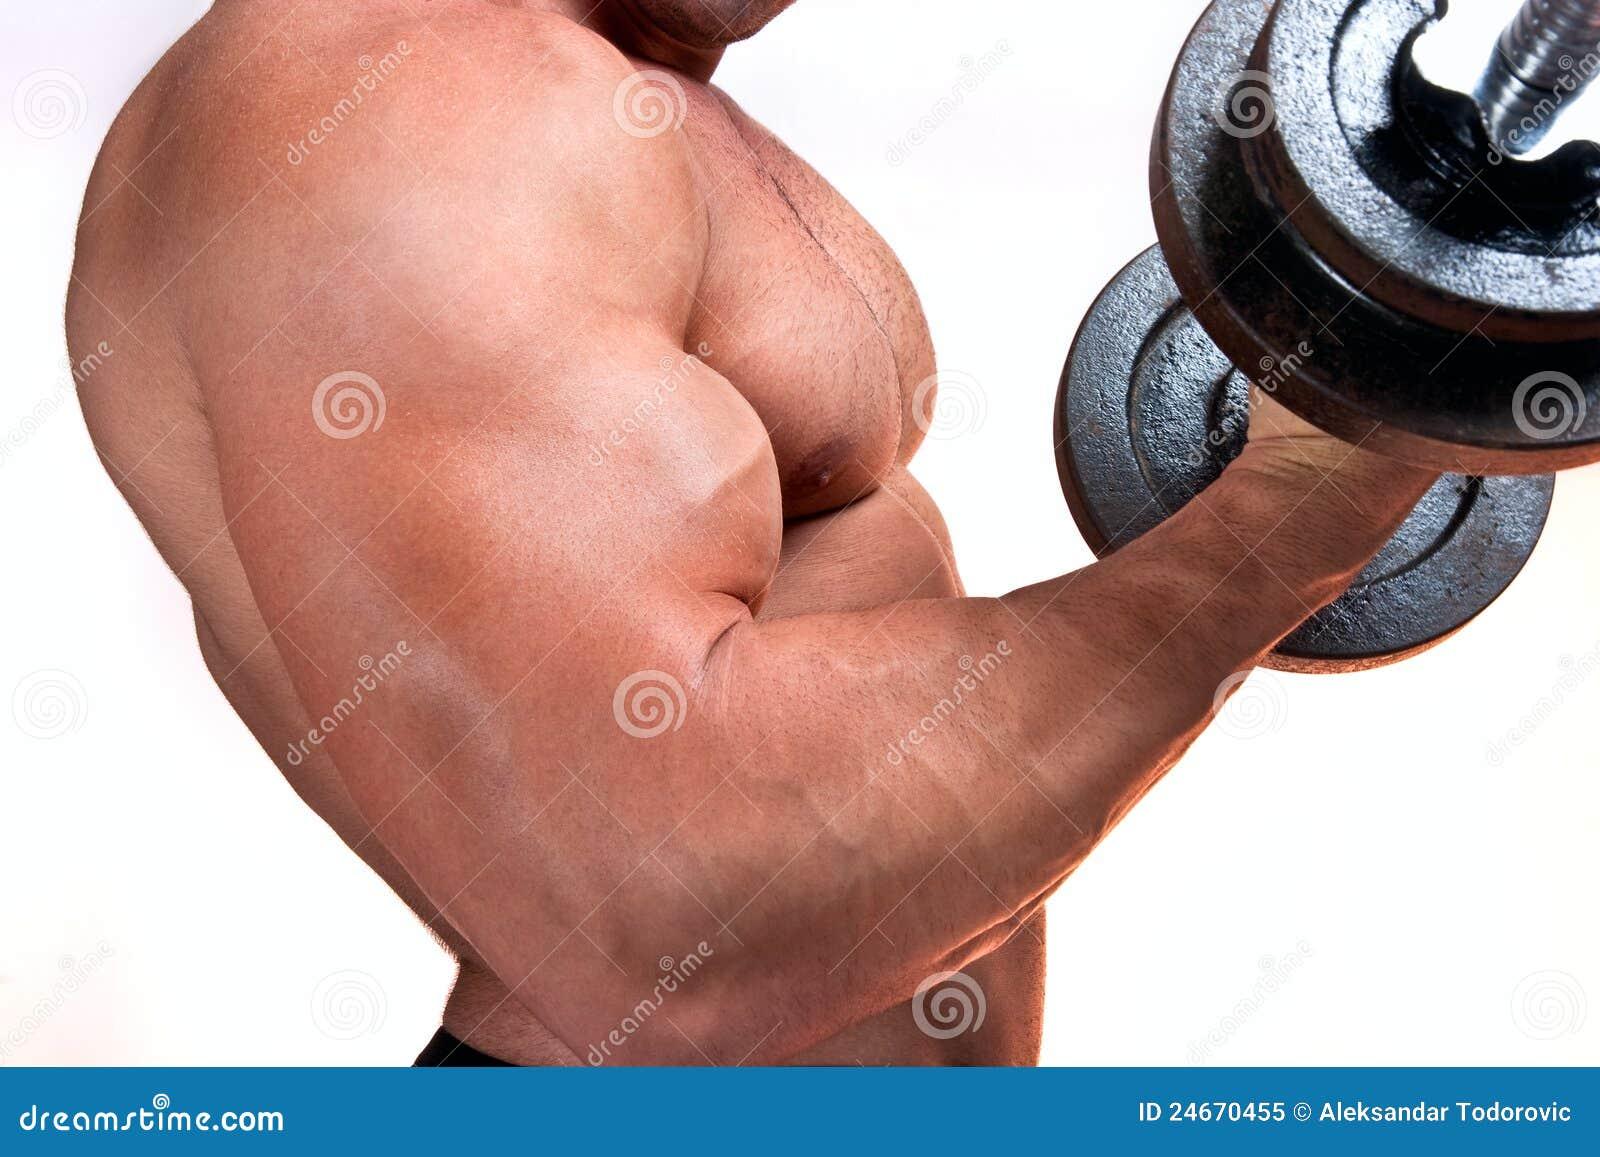 Mann mit Gewichten eines Stabes bei der Handausbildung